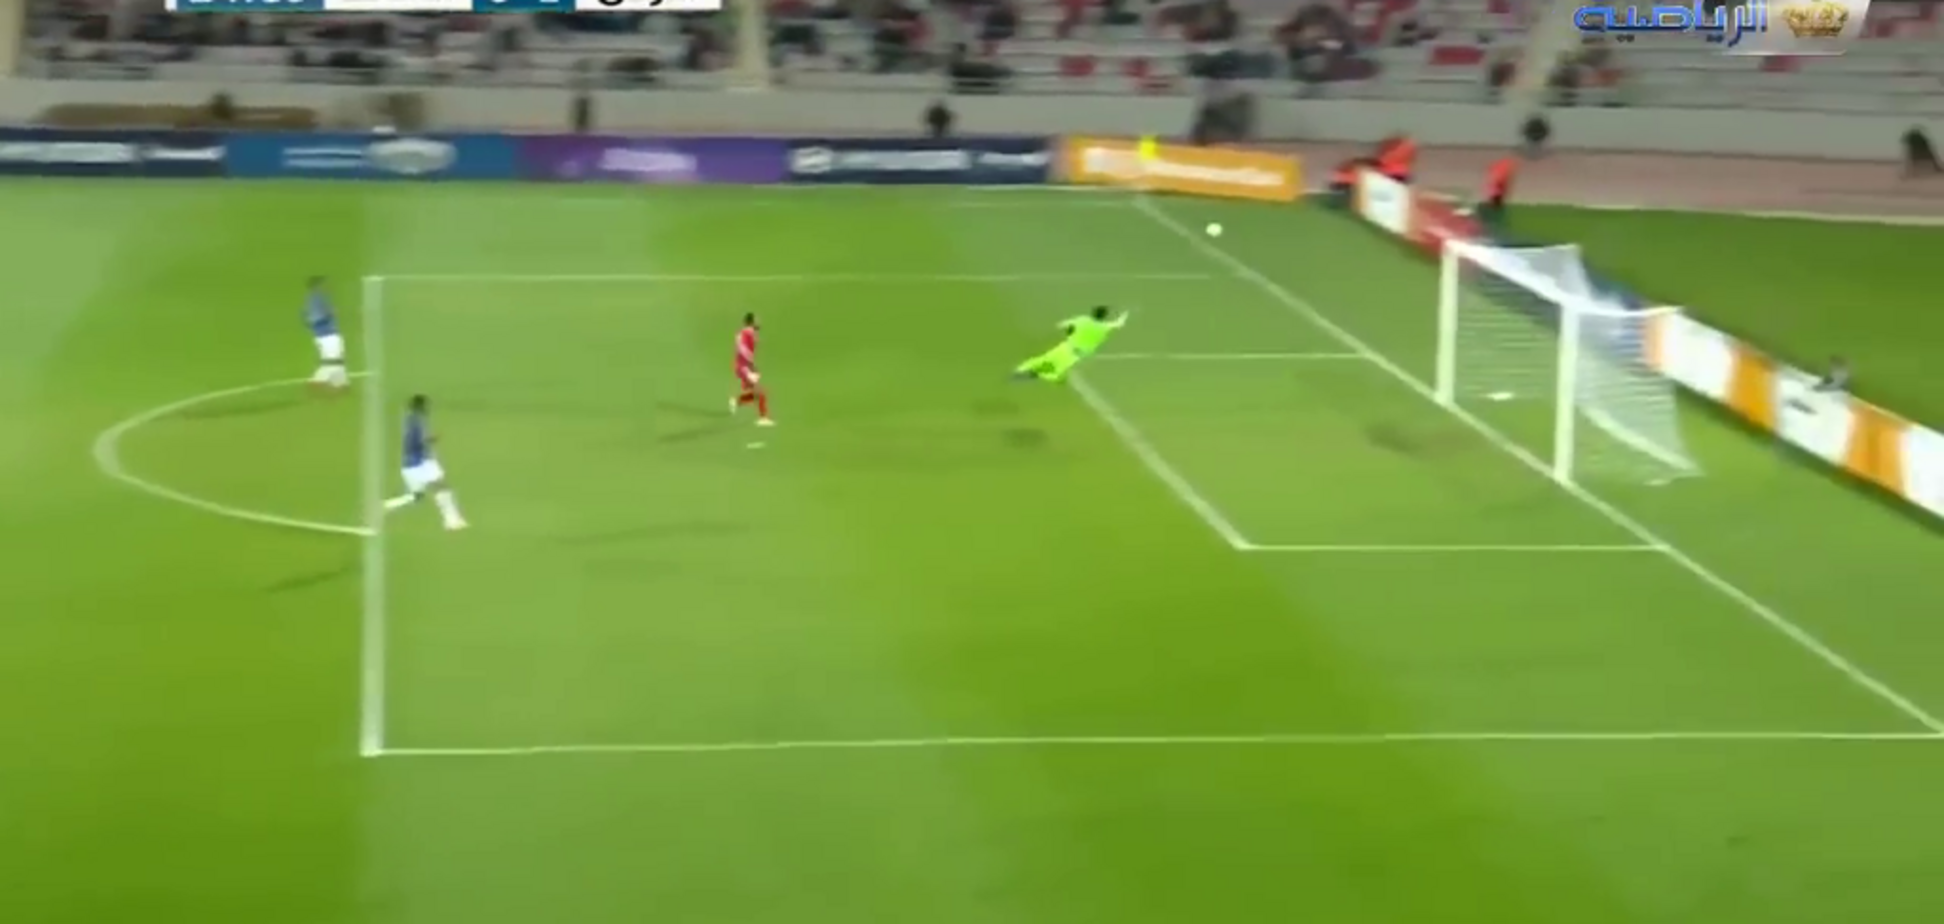 Вратарь забил фантастический гол ударом от своих ворот - опубликовано видео